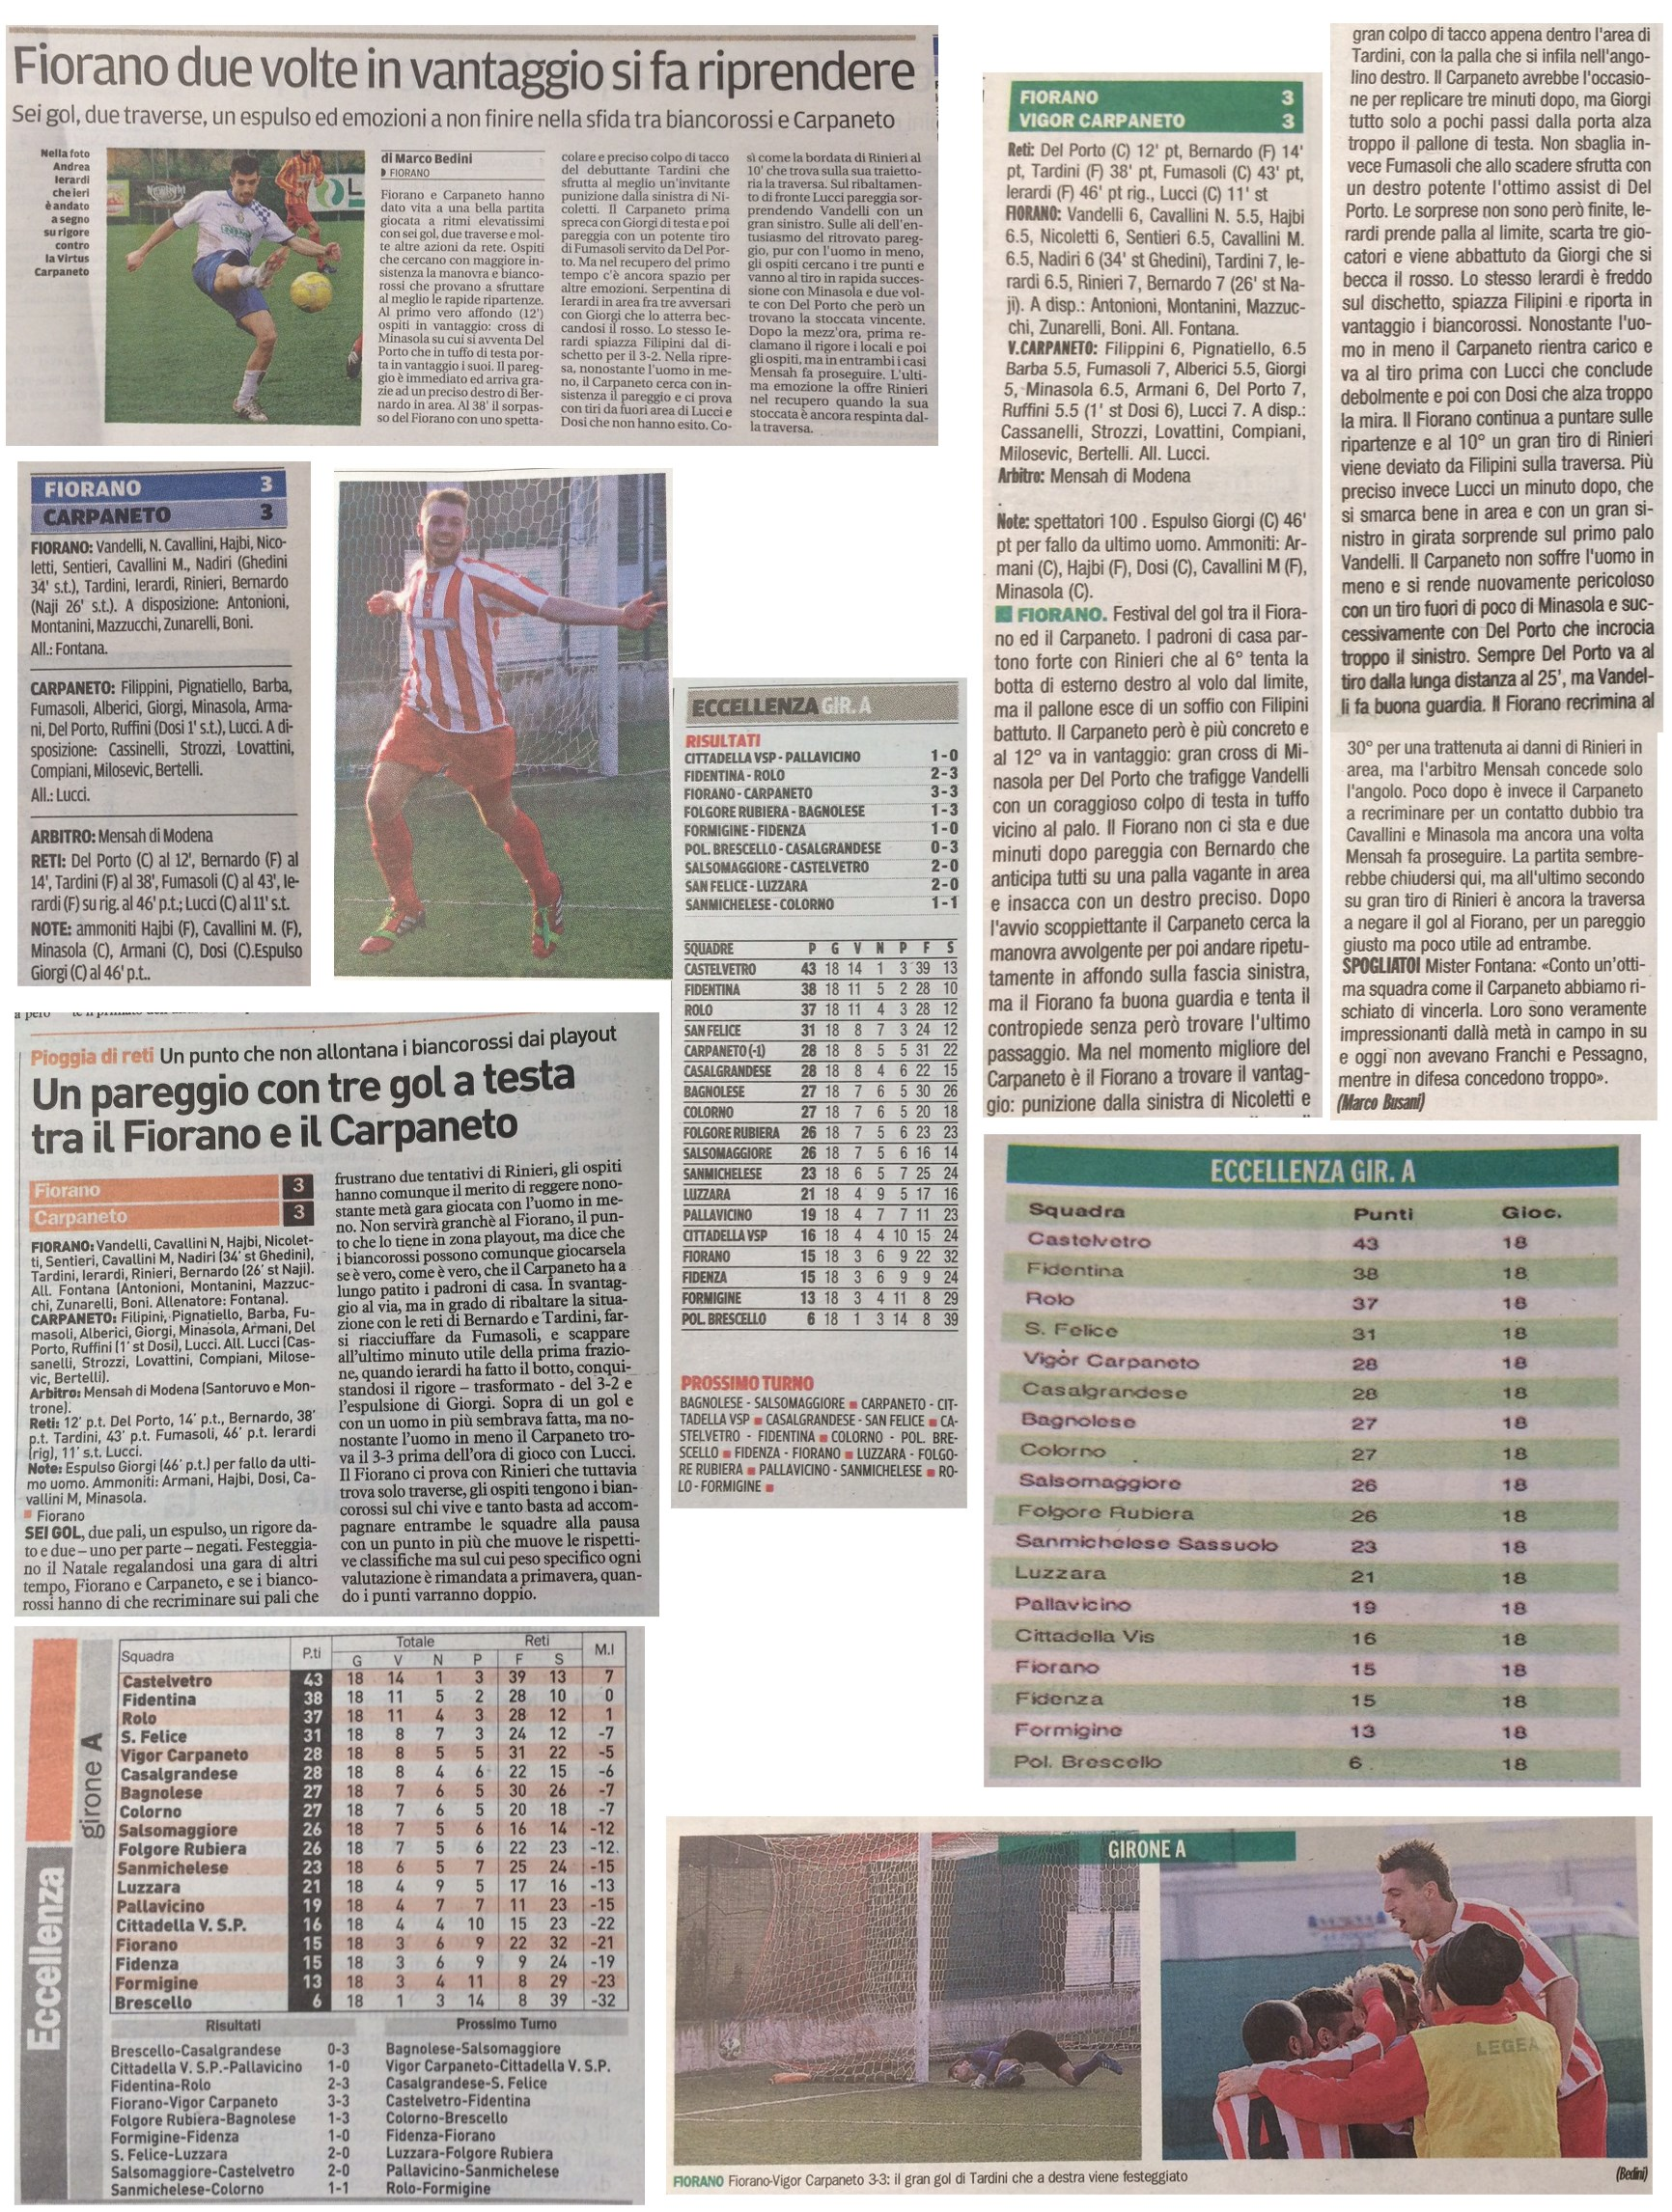 Rassegna Stampa 21 Dicembre 2015 - AC Fiorano